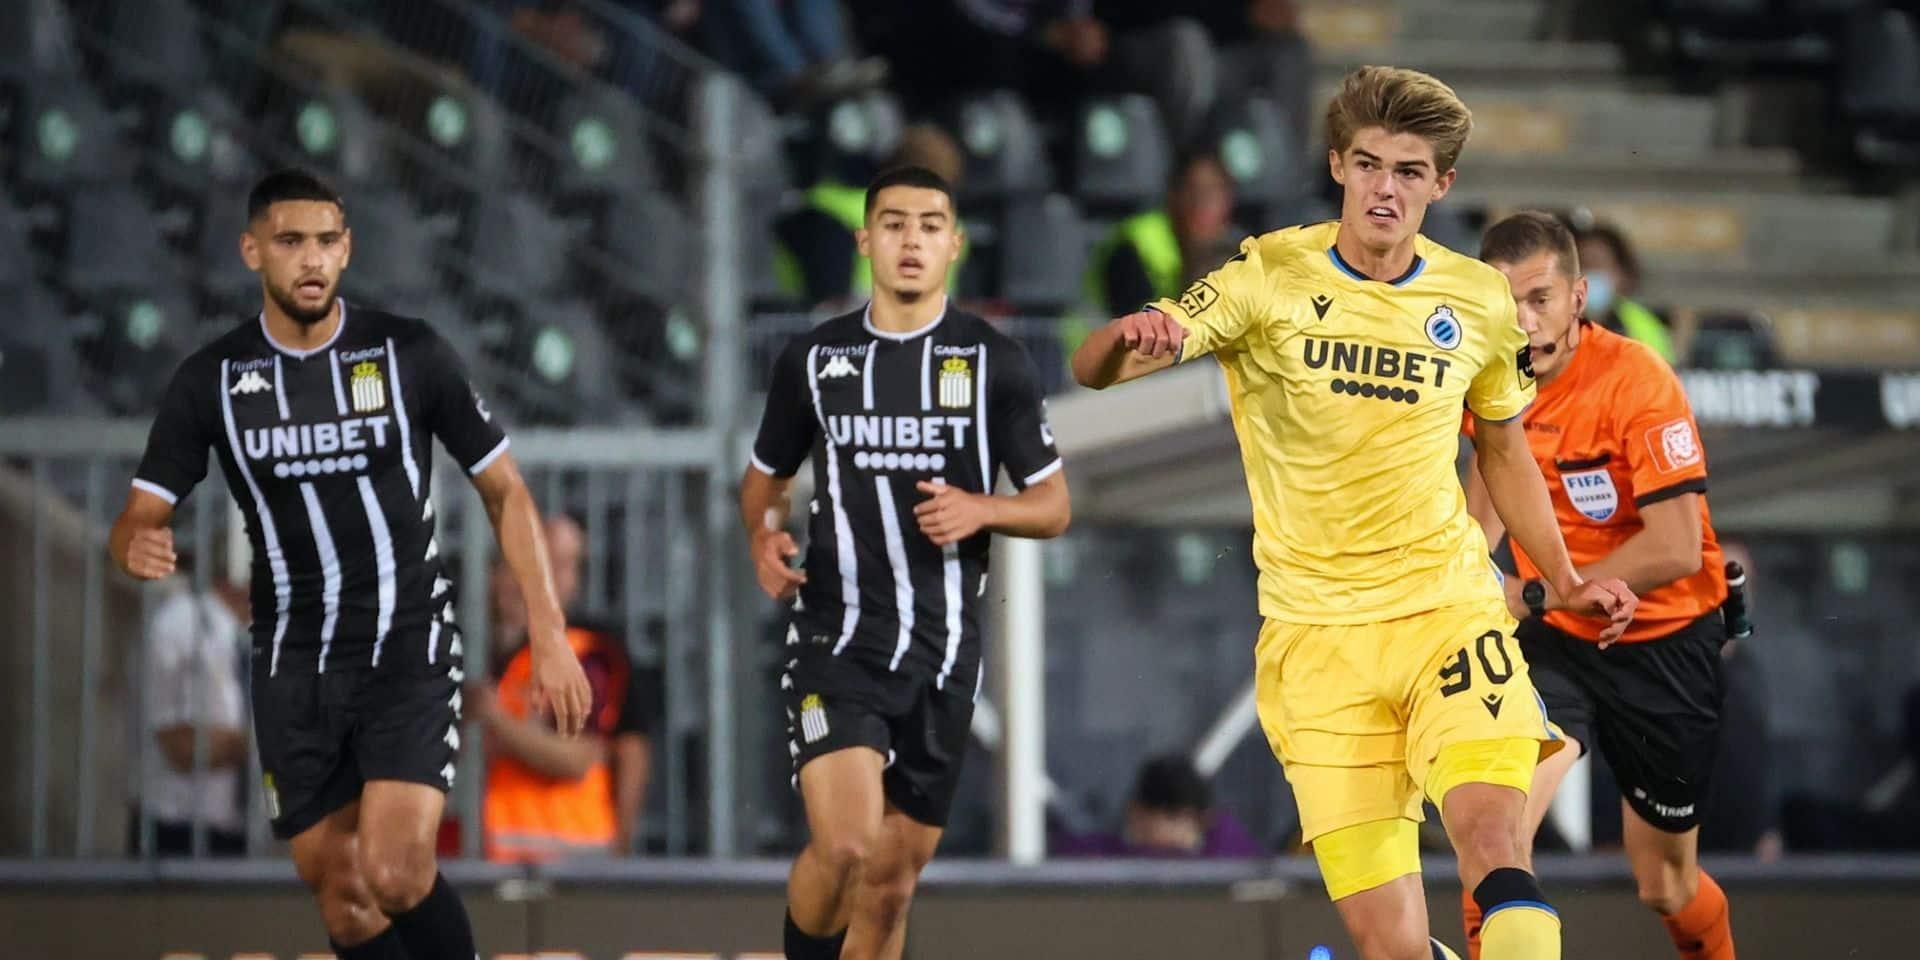 De Ketelaere offre la victoire à Bruges dans les arrêts de jeu face à Charleroi (0-1)